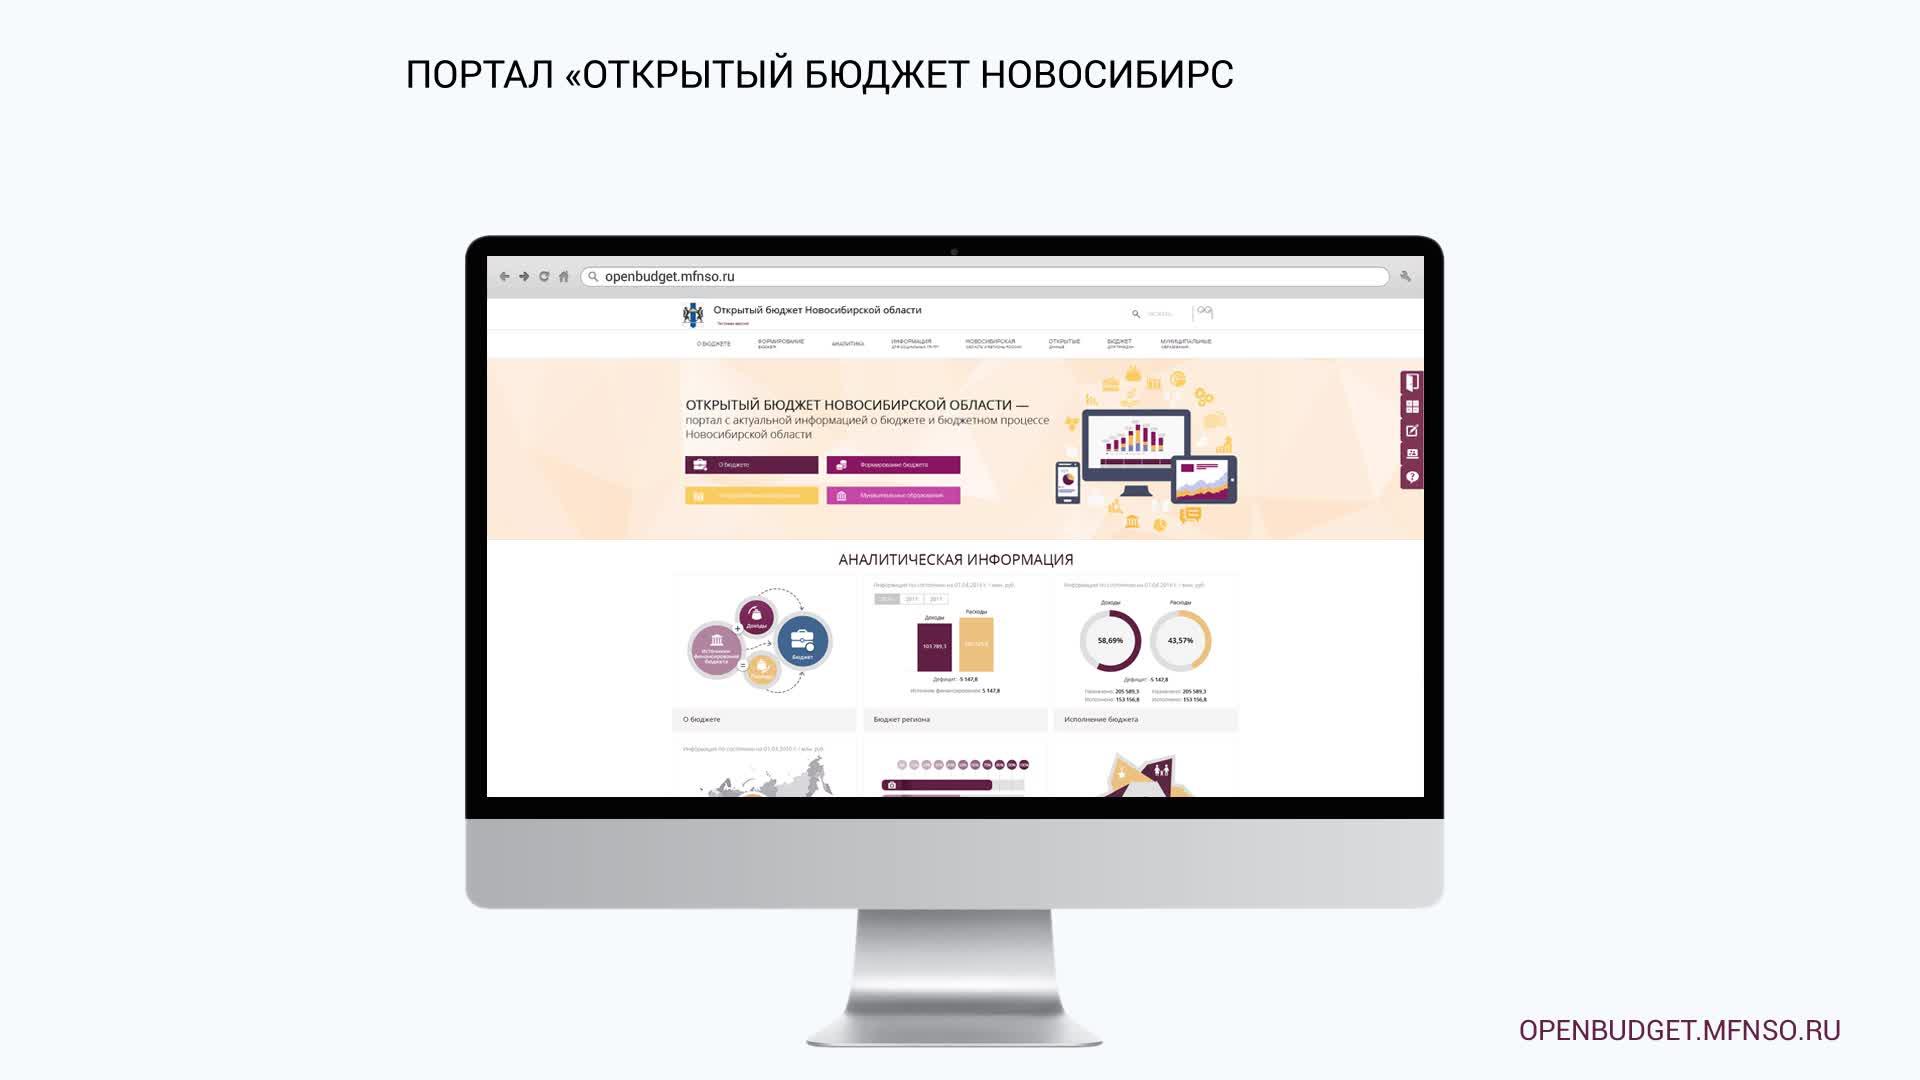 Информационно-аналитический портал «Открытый бюджет Новосибирской области»